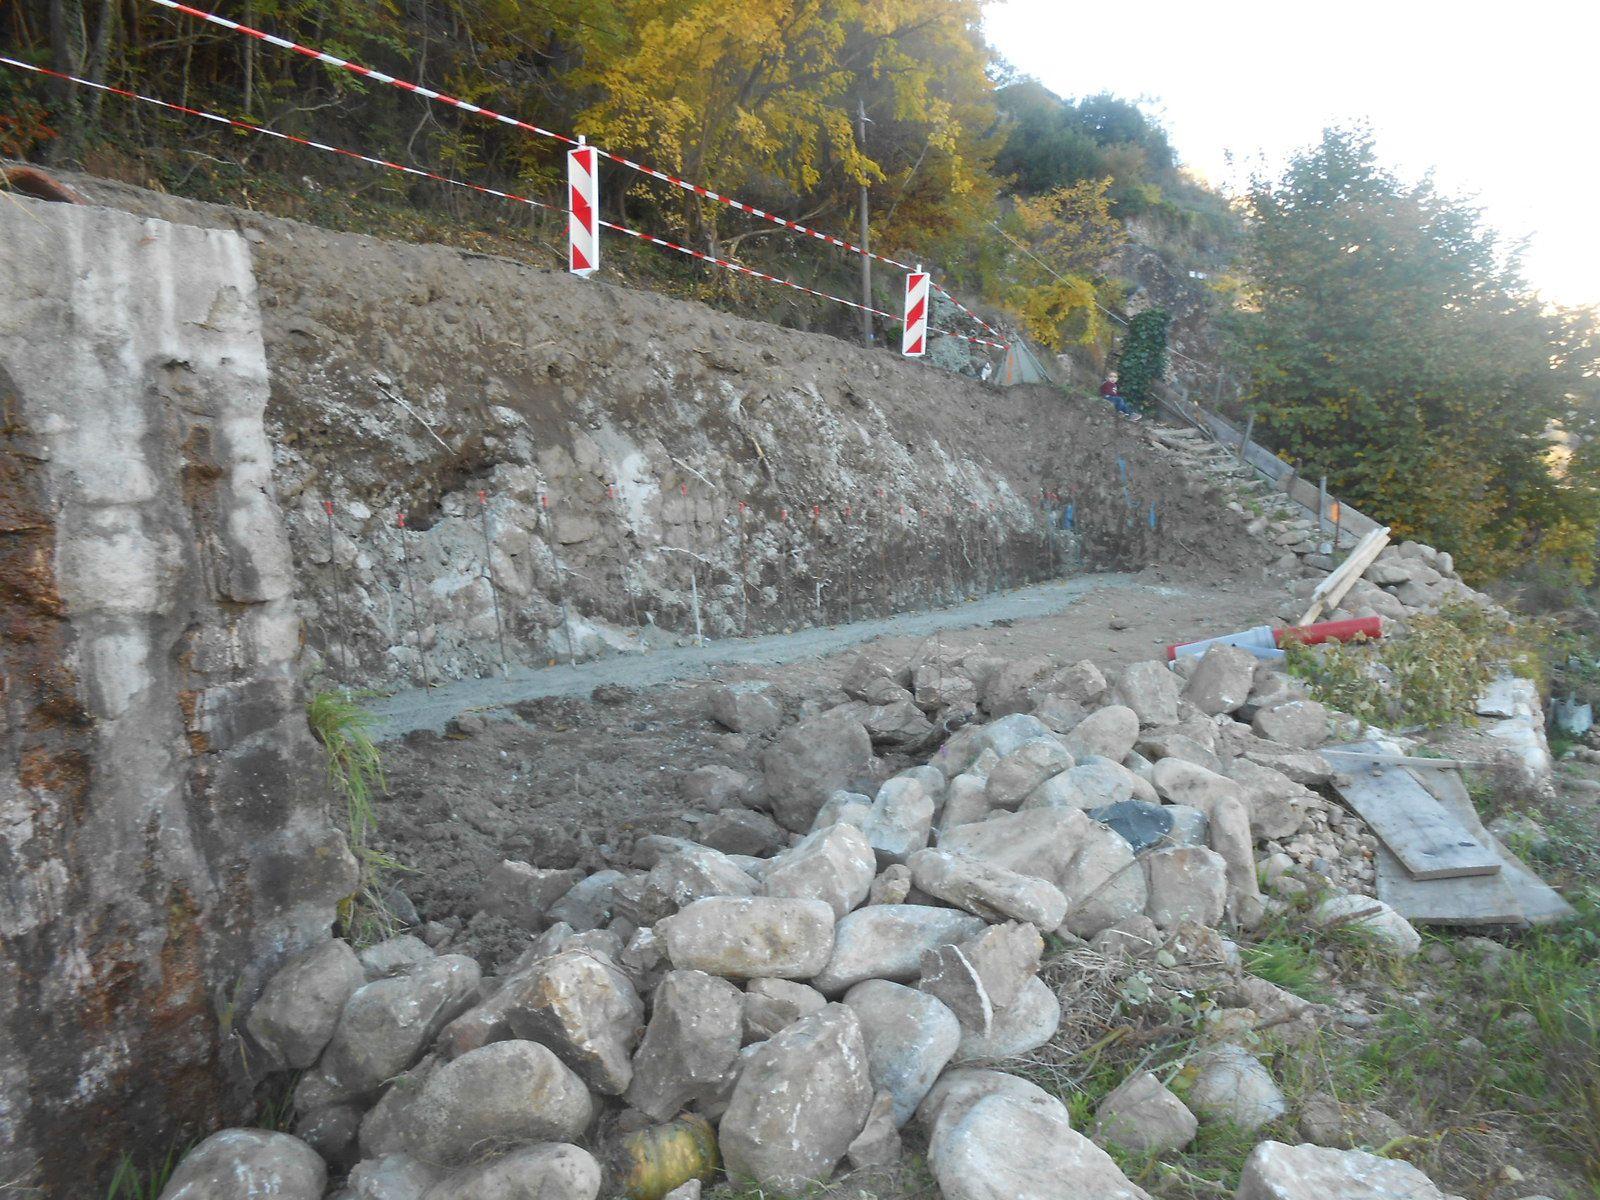 Les travaux d'excavation et de déblaiement ont été effectués, ainsi que les fouilles